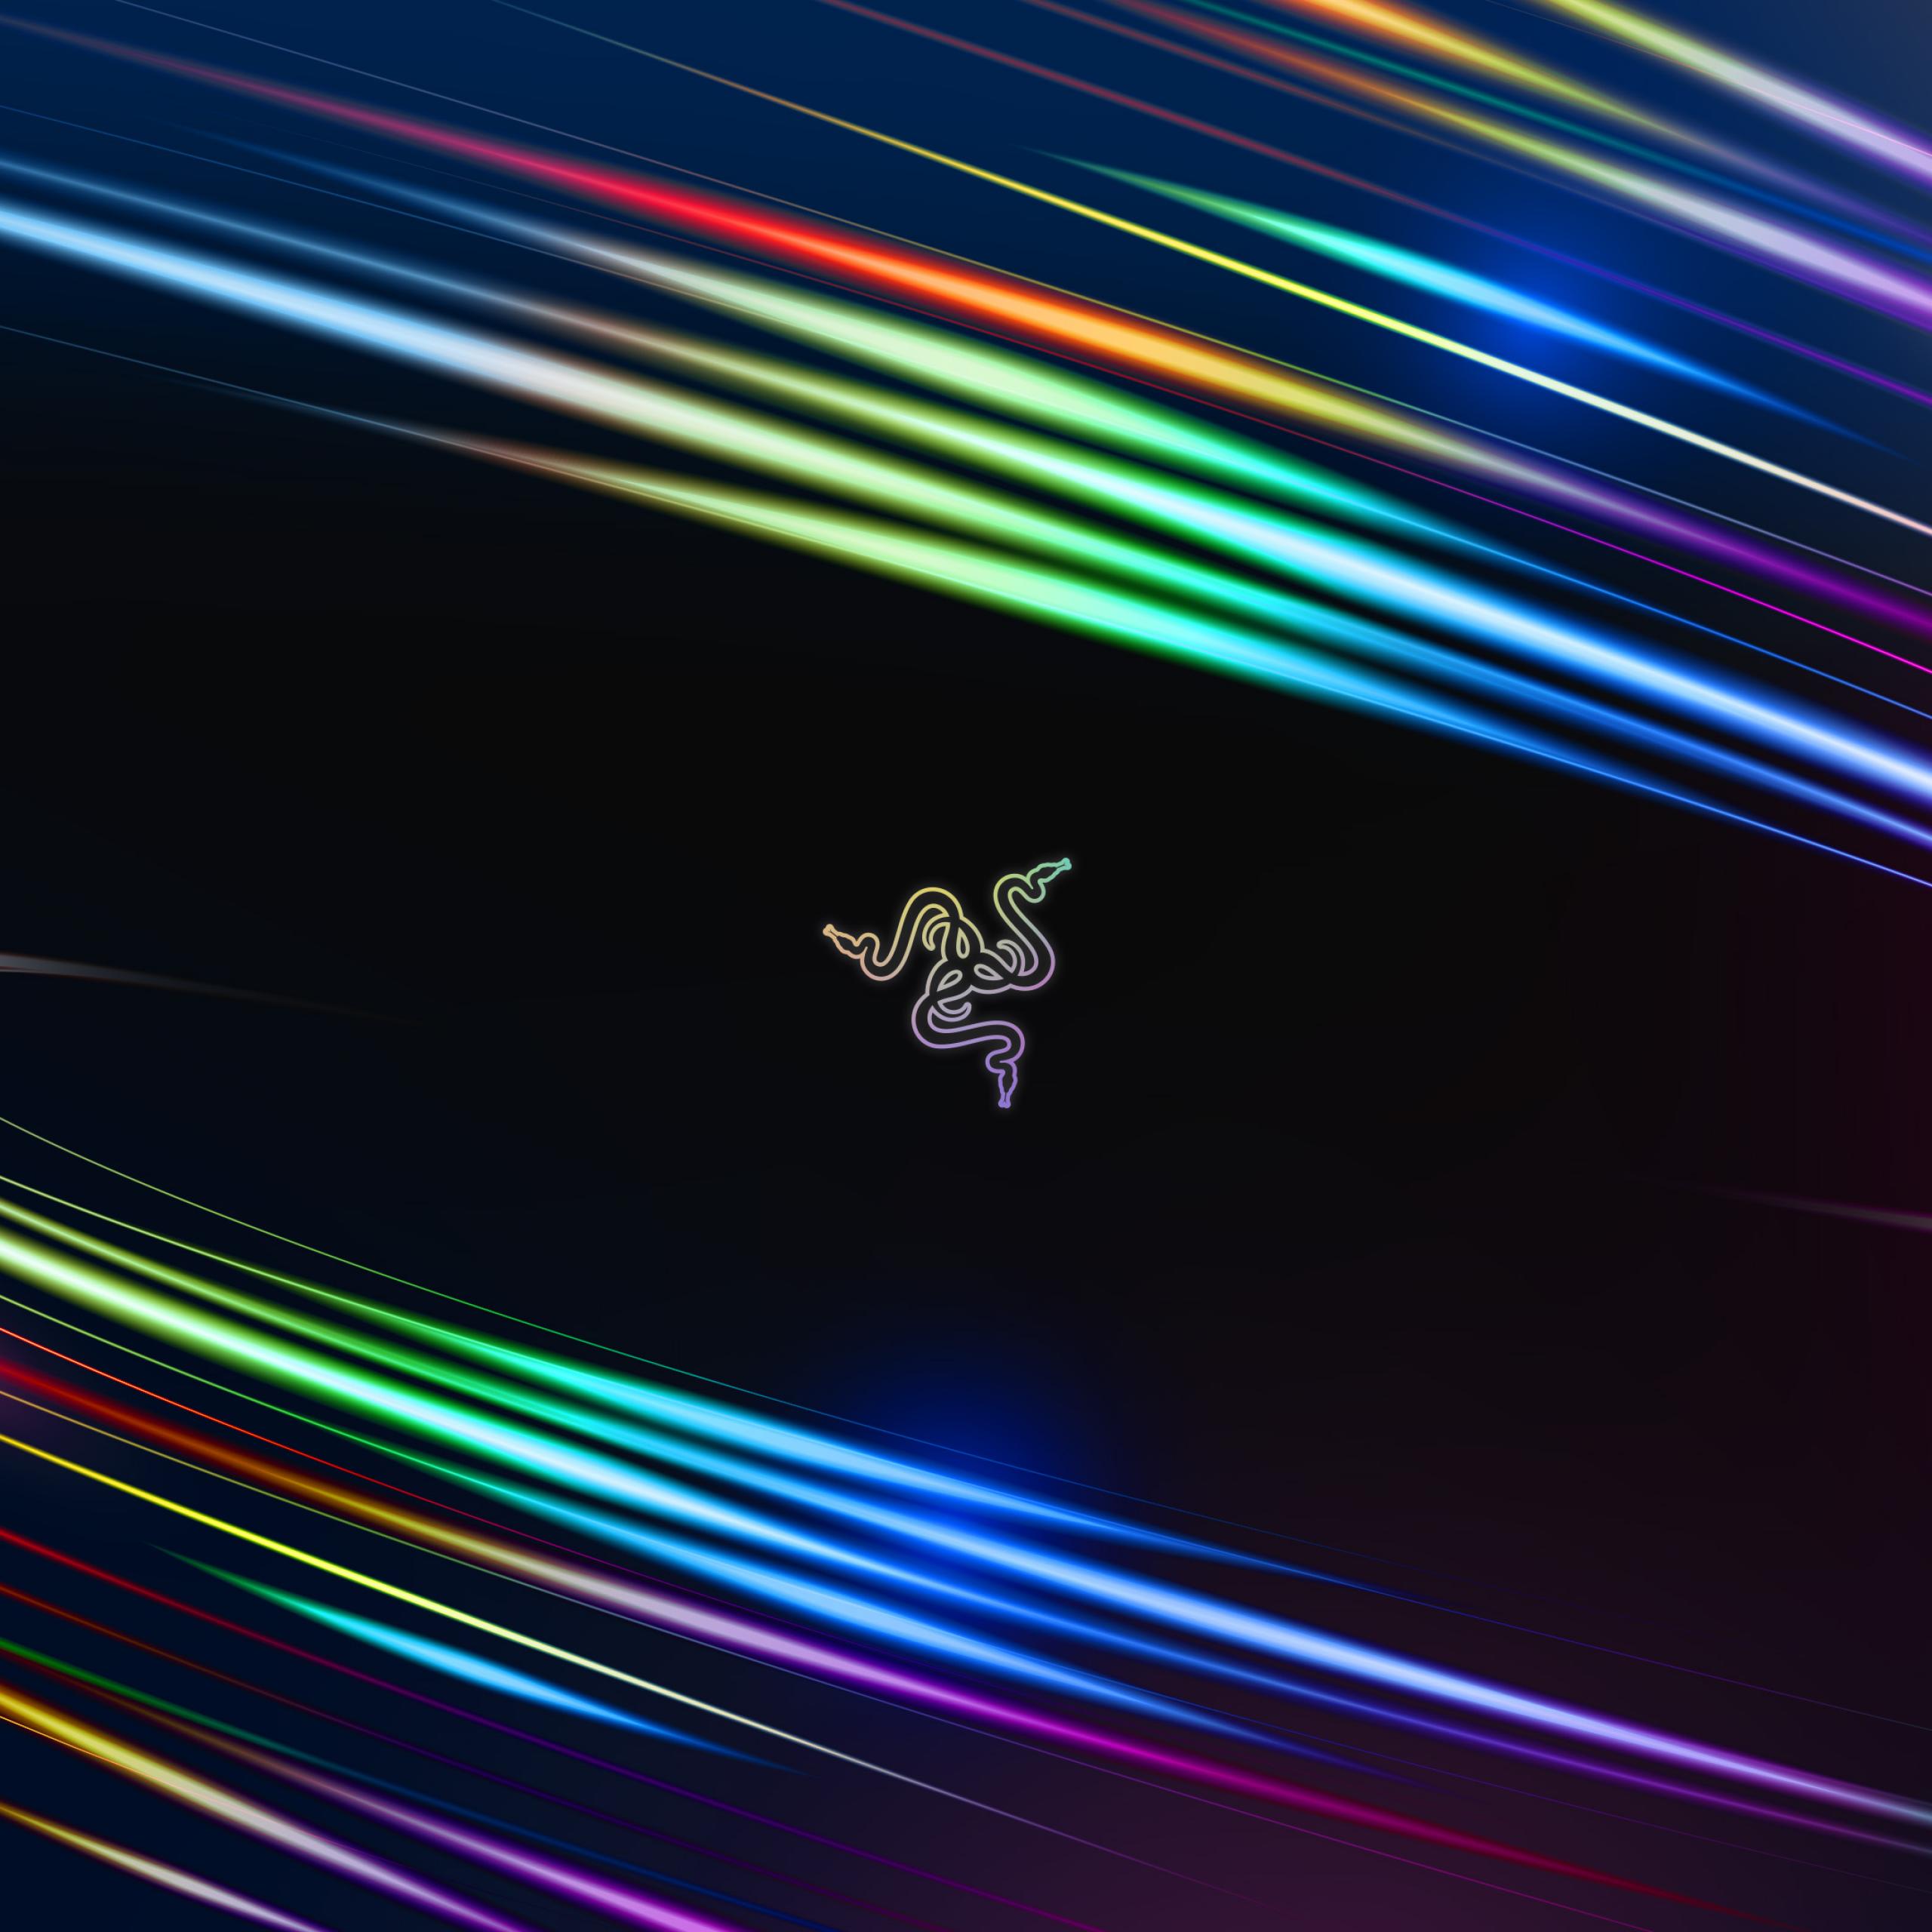 Vortex 4K Wallpaper, Waves, Spectrum, Razer, Colorful